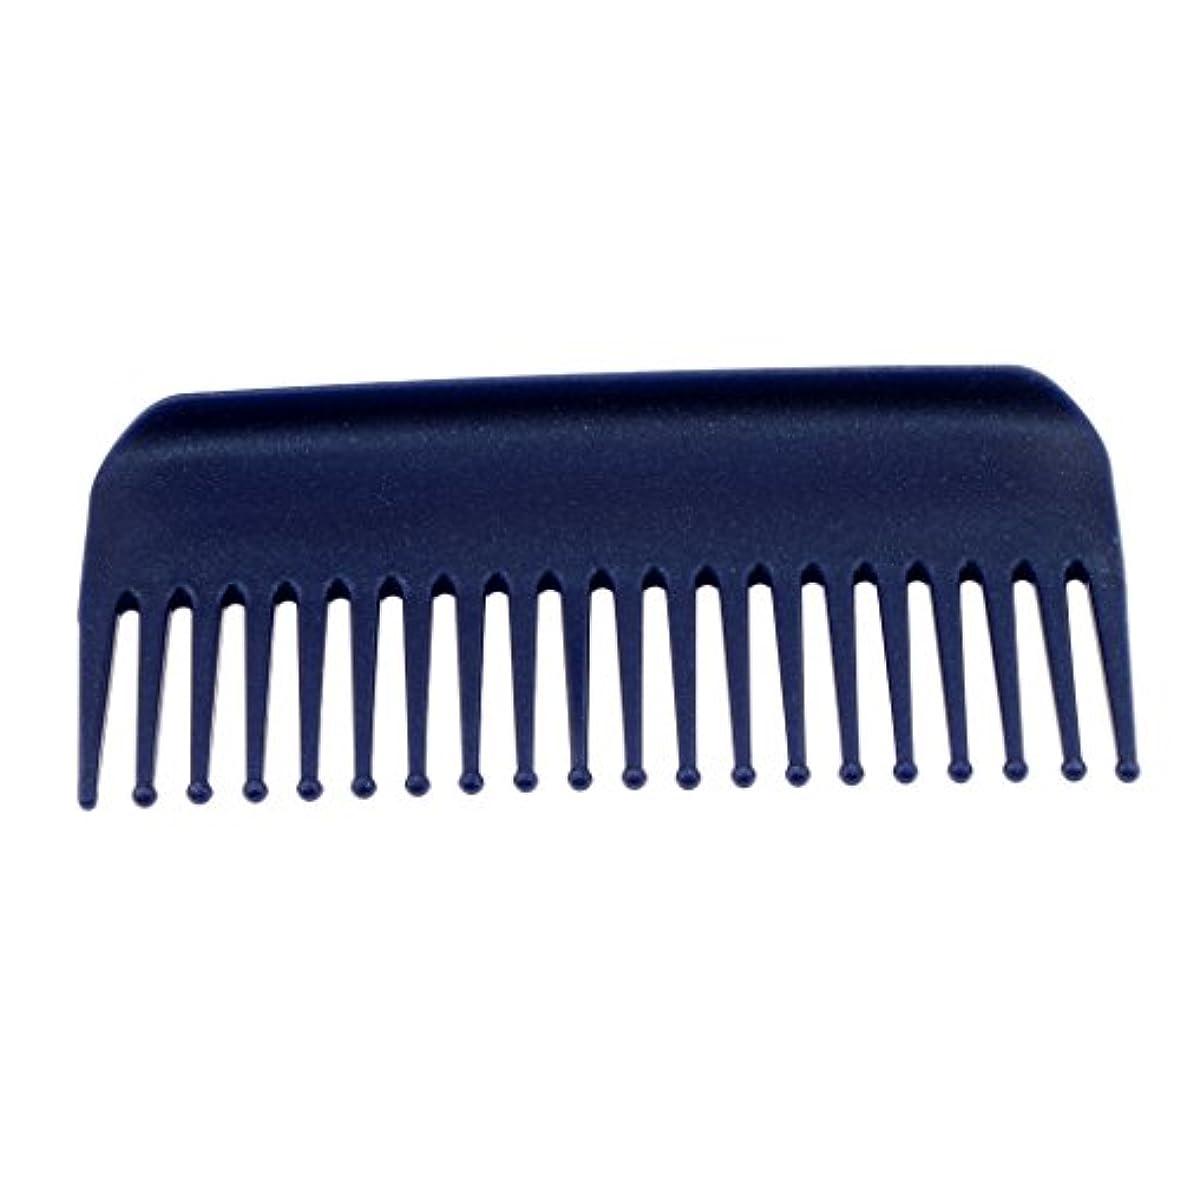 偽装する規制する促進するKesoto ヘアブラシ ヘアコーム コーム 櫛 くし サロン ヘアケア 耐熱性 帯電防止 頭皮 マッサージ 丸いヘッド 4色選べる - 青